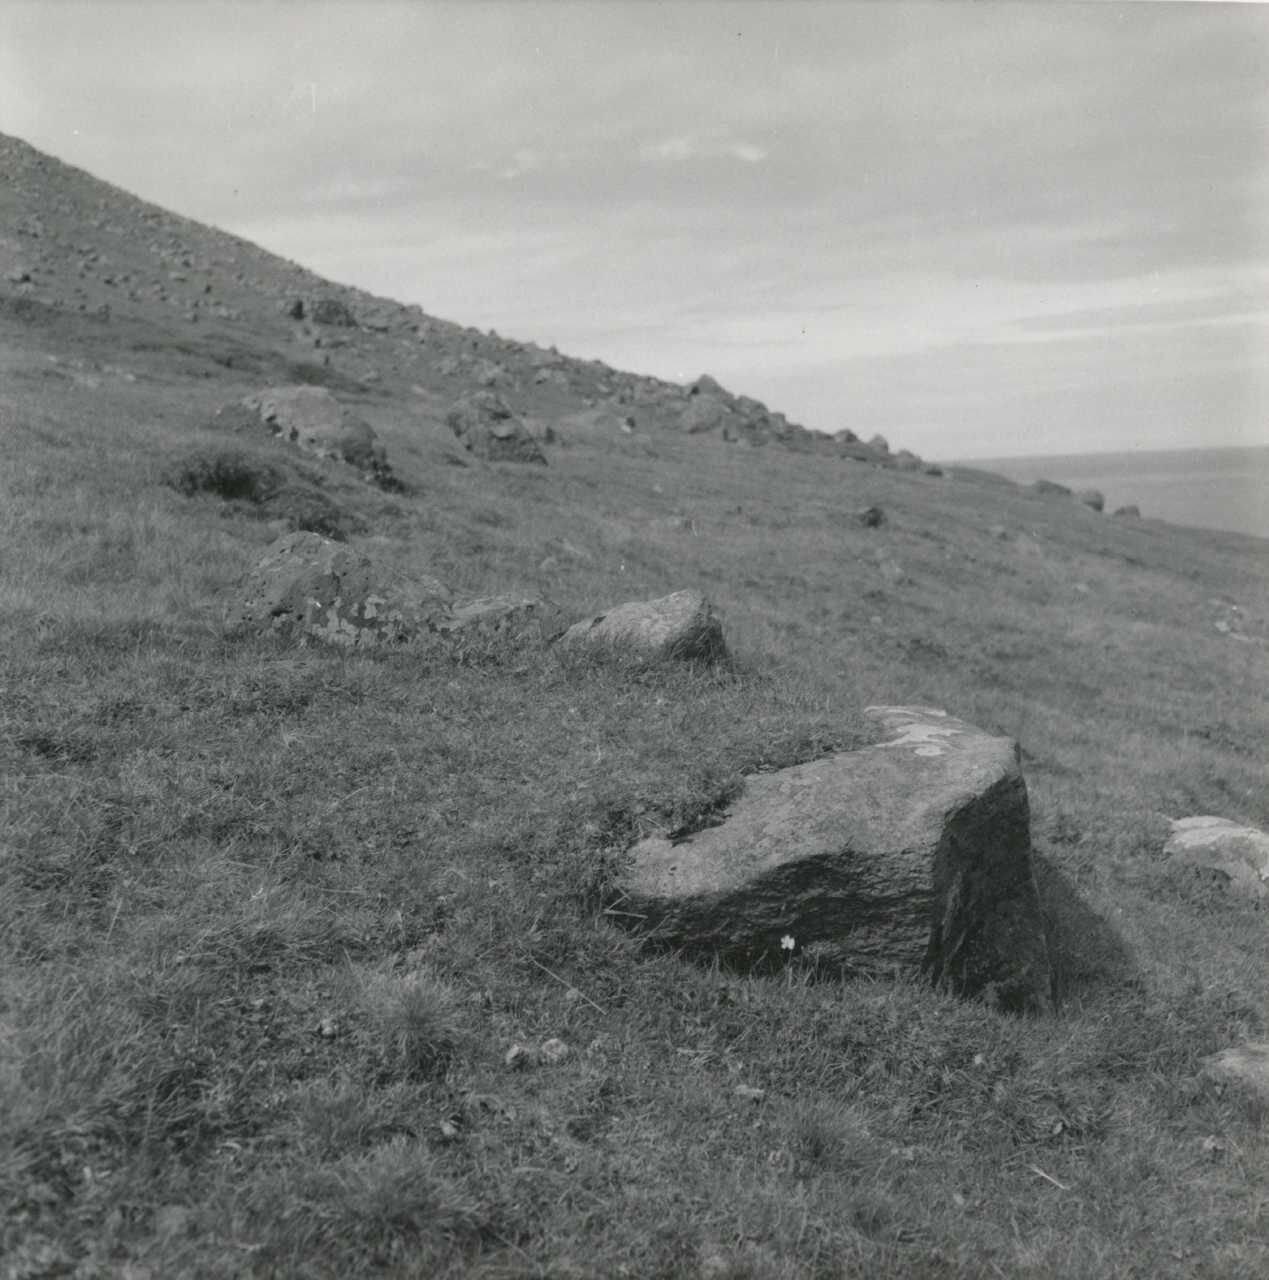 """Løftestenens oprindelige placering i Mules udmark på det stykke nord for bøen, som kaldes """"yvir á havbrúggv"""". Den var anbragt, hævet op på nogle mindre sten, på den store sten i forgrunden. B.S. fot. aug. 1961."""